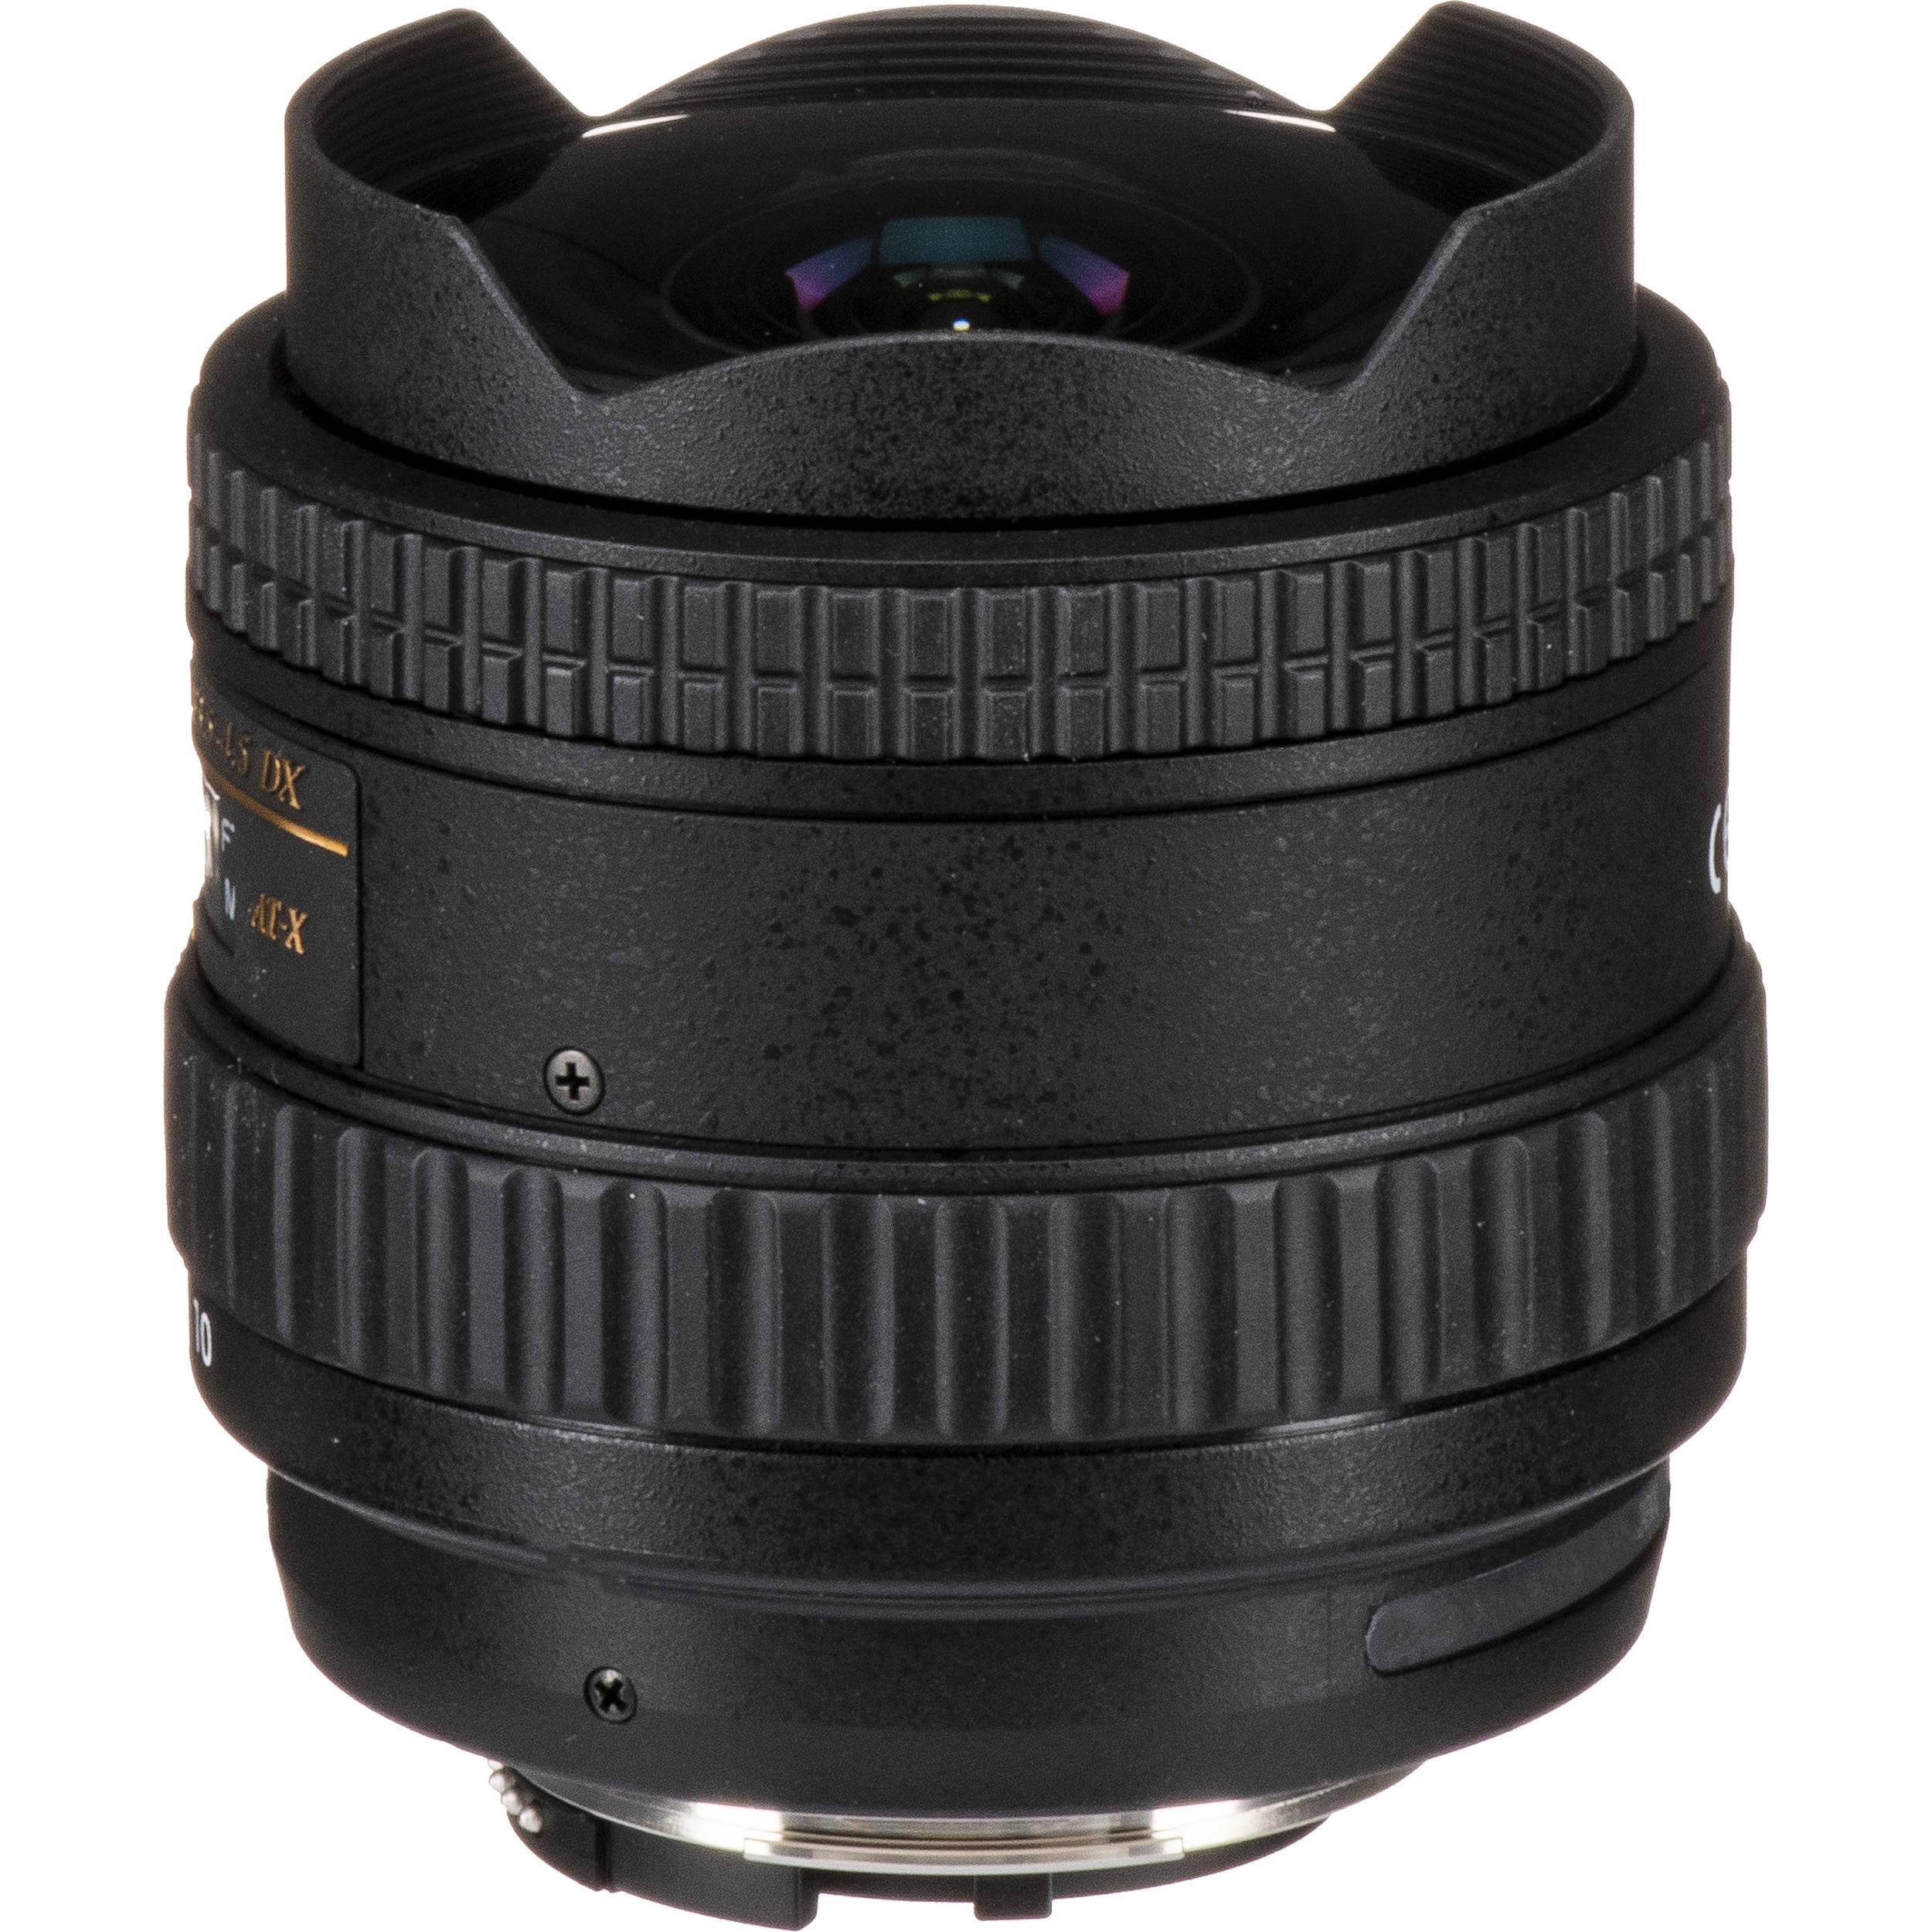 Tokina 10-17mm f/3 5-4 5 AT-X 107 DX AF Fisheye Lens for Nikon F